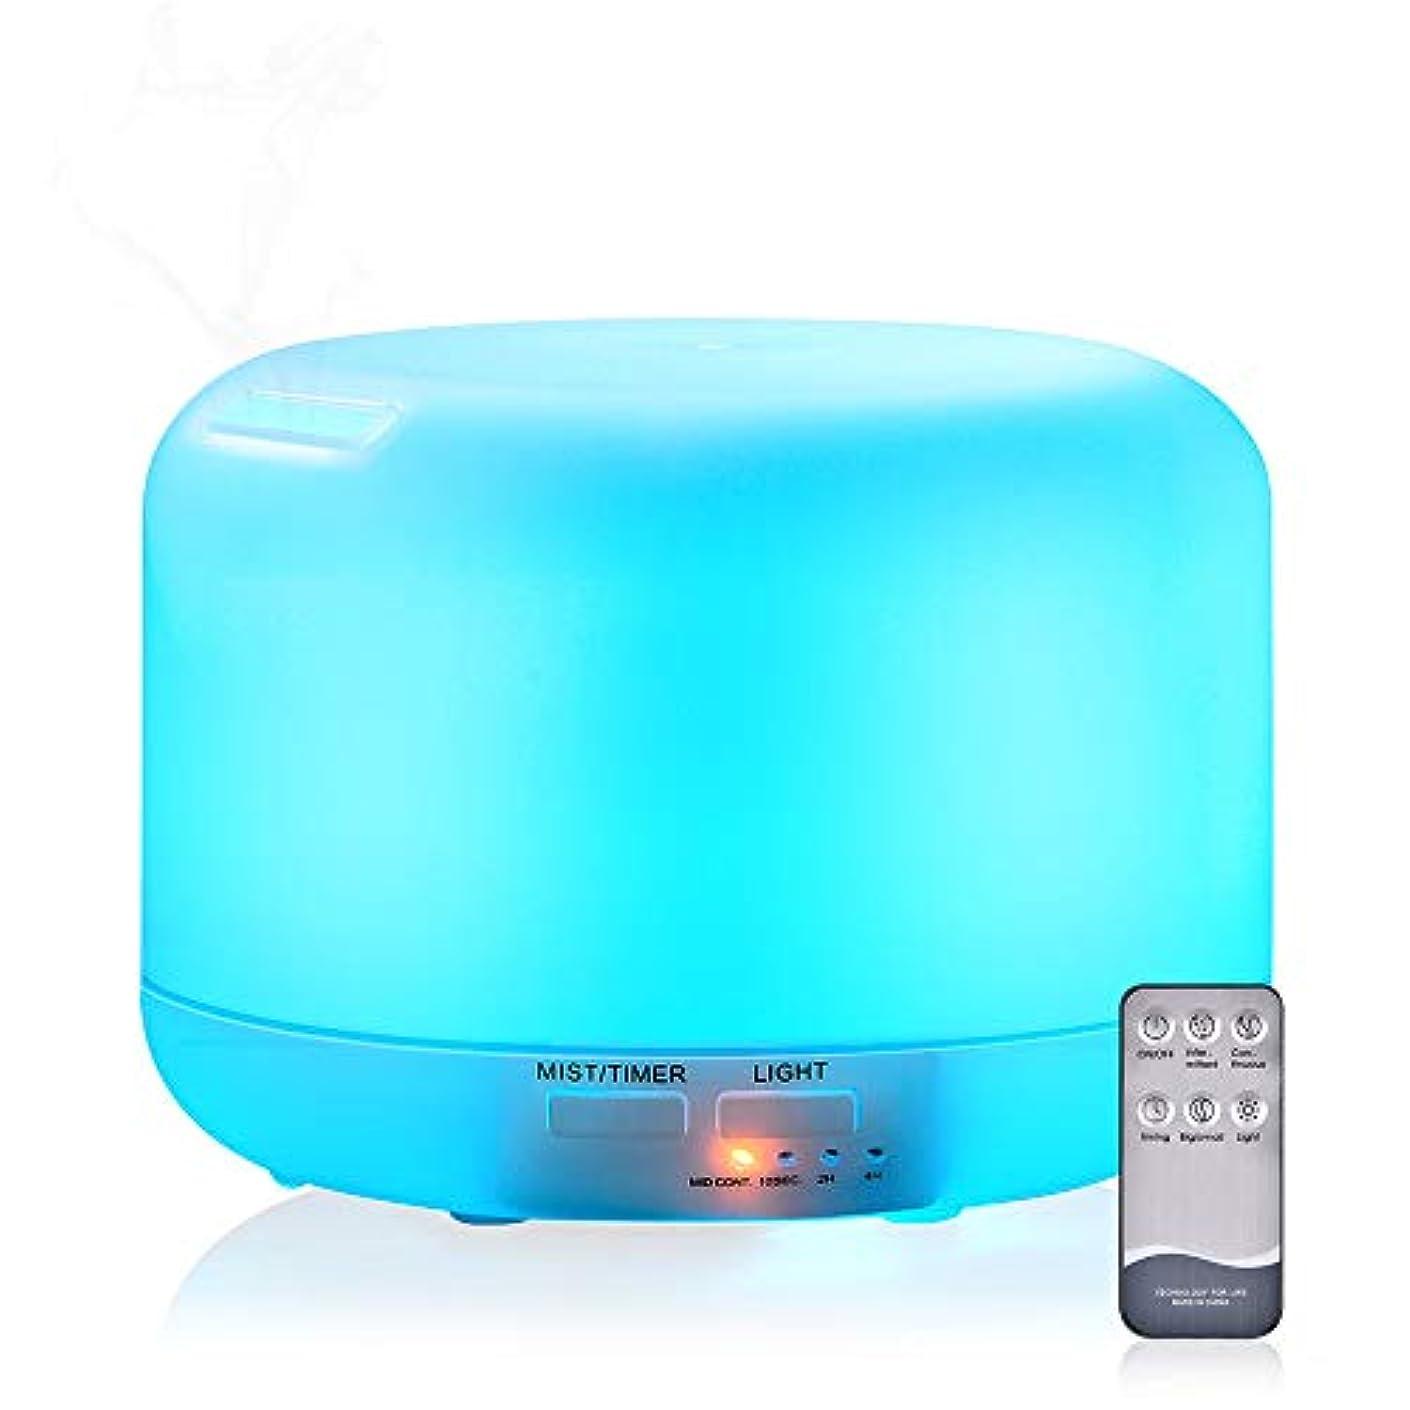 安全でないカップ消費する500ミリメートルリモコン空気アロマ超音波加湿器カラーLEDライト電気アロマセラピーエッセンシャルオイルディフューザー